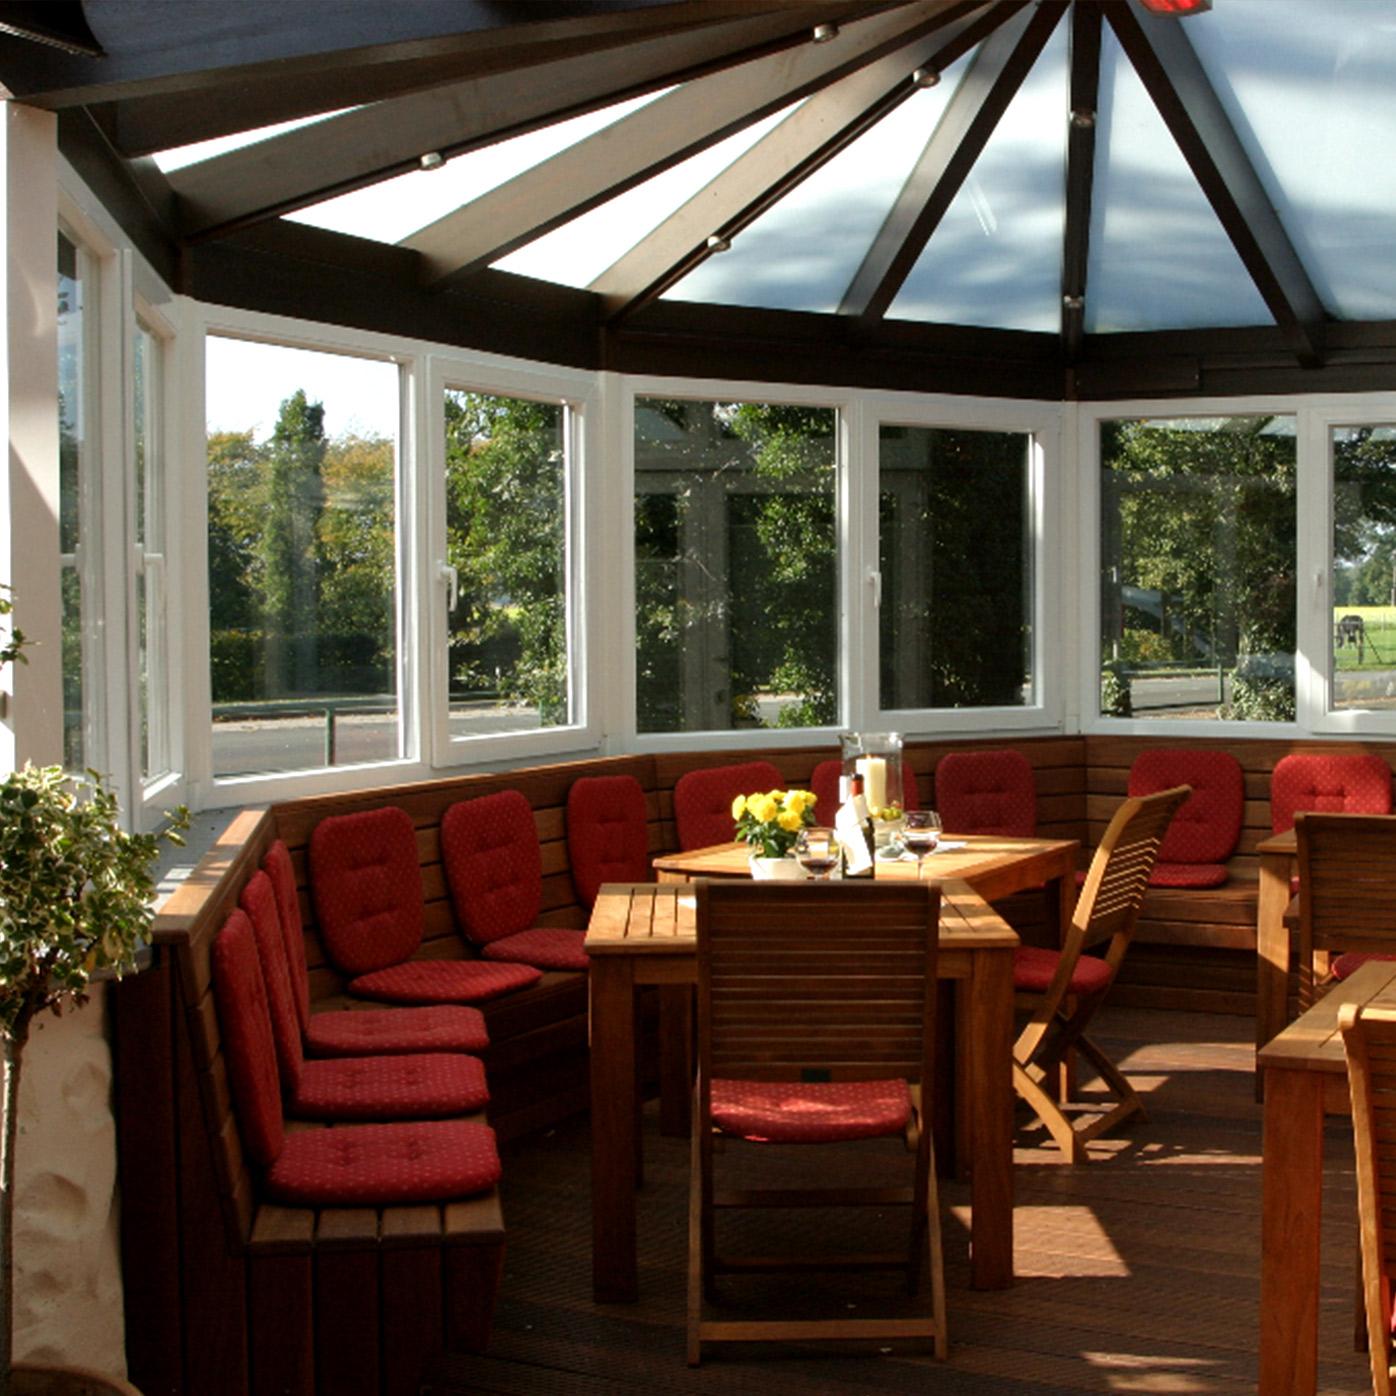 Auch für große Wandergruppen bietet unsere Terrasse genügend Sitzmöglichkeiten.